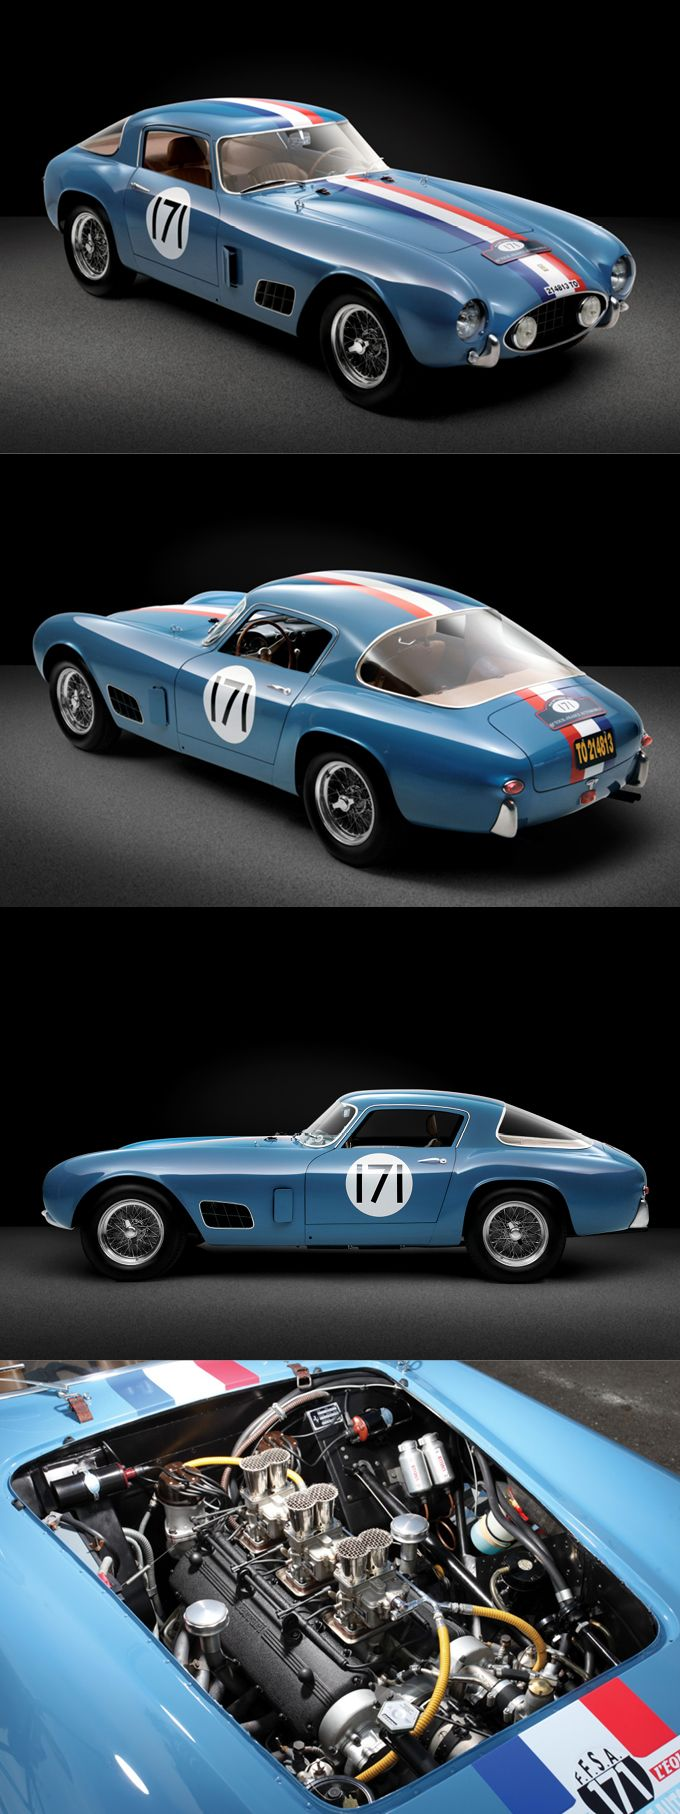 1956 Ferrari 250 GT Tour de France / TdF / Italy / blue red white / 17-285